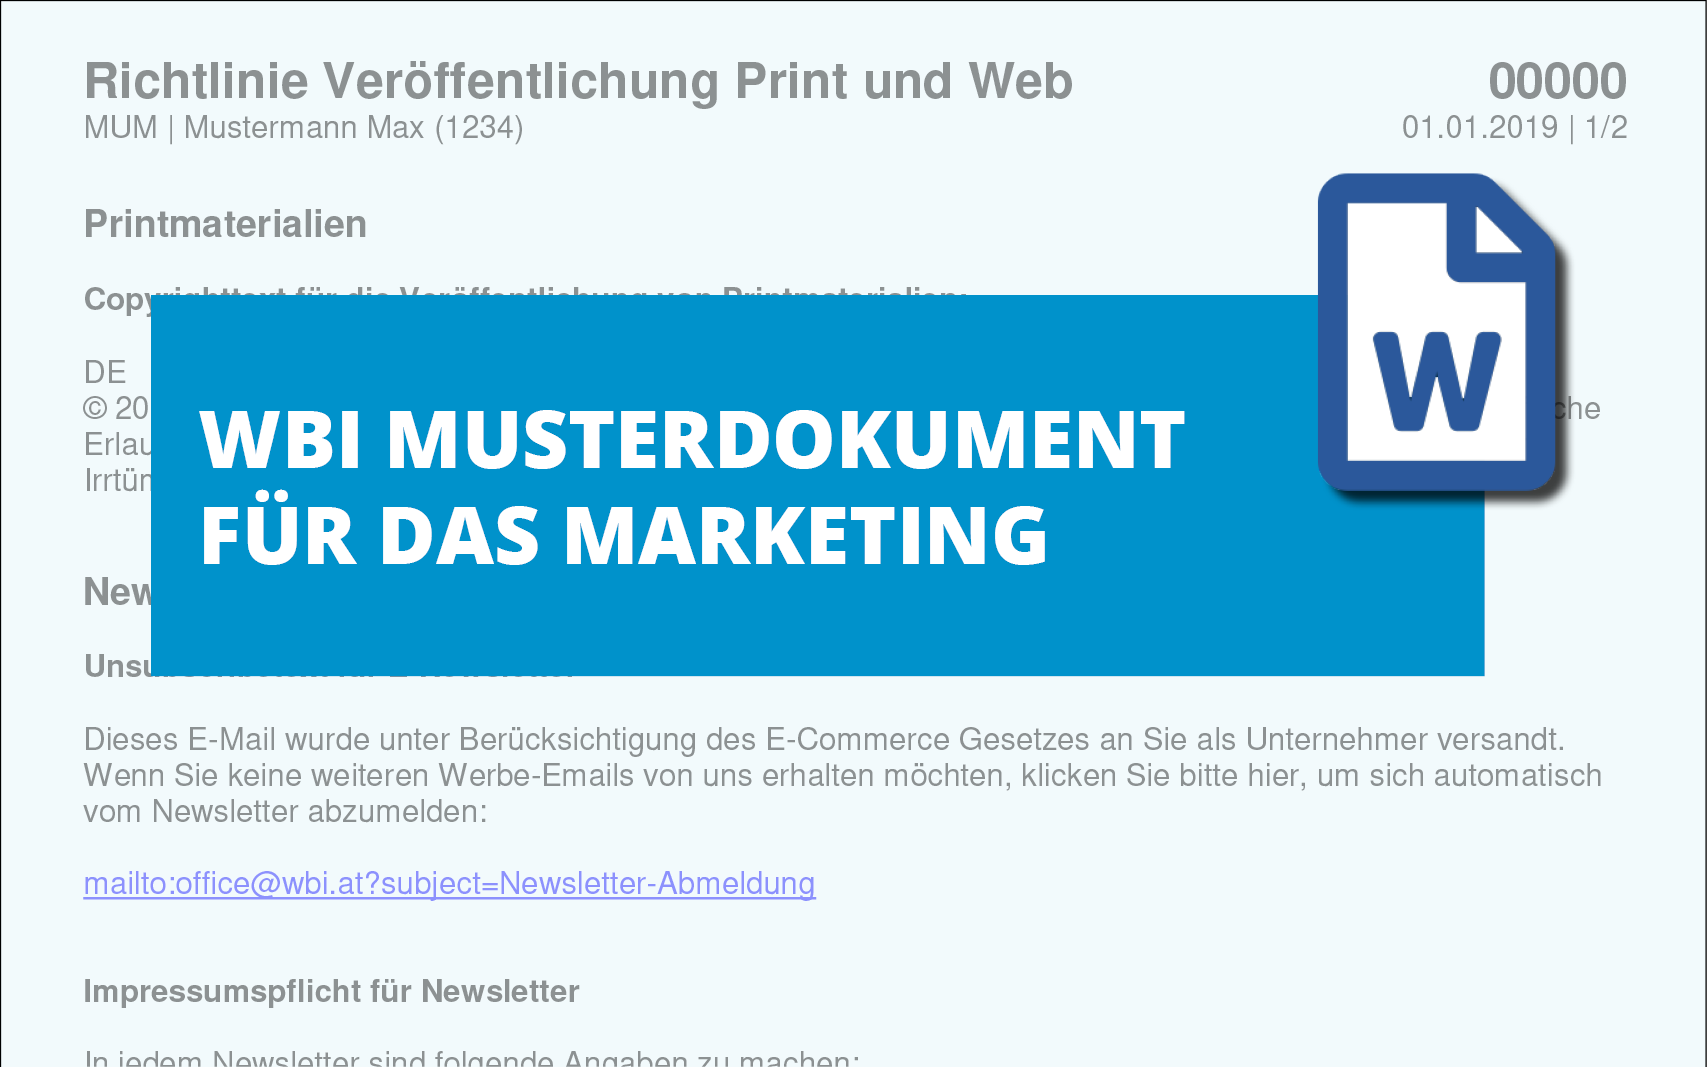 richtlinie-veroeffentlichung-print-und-web